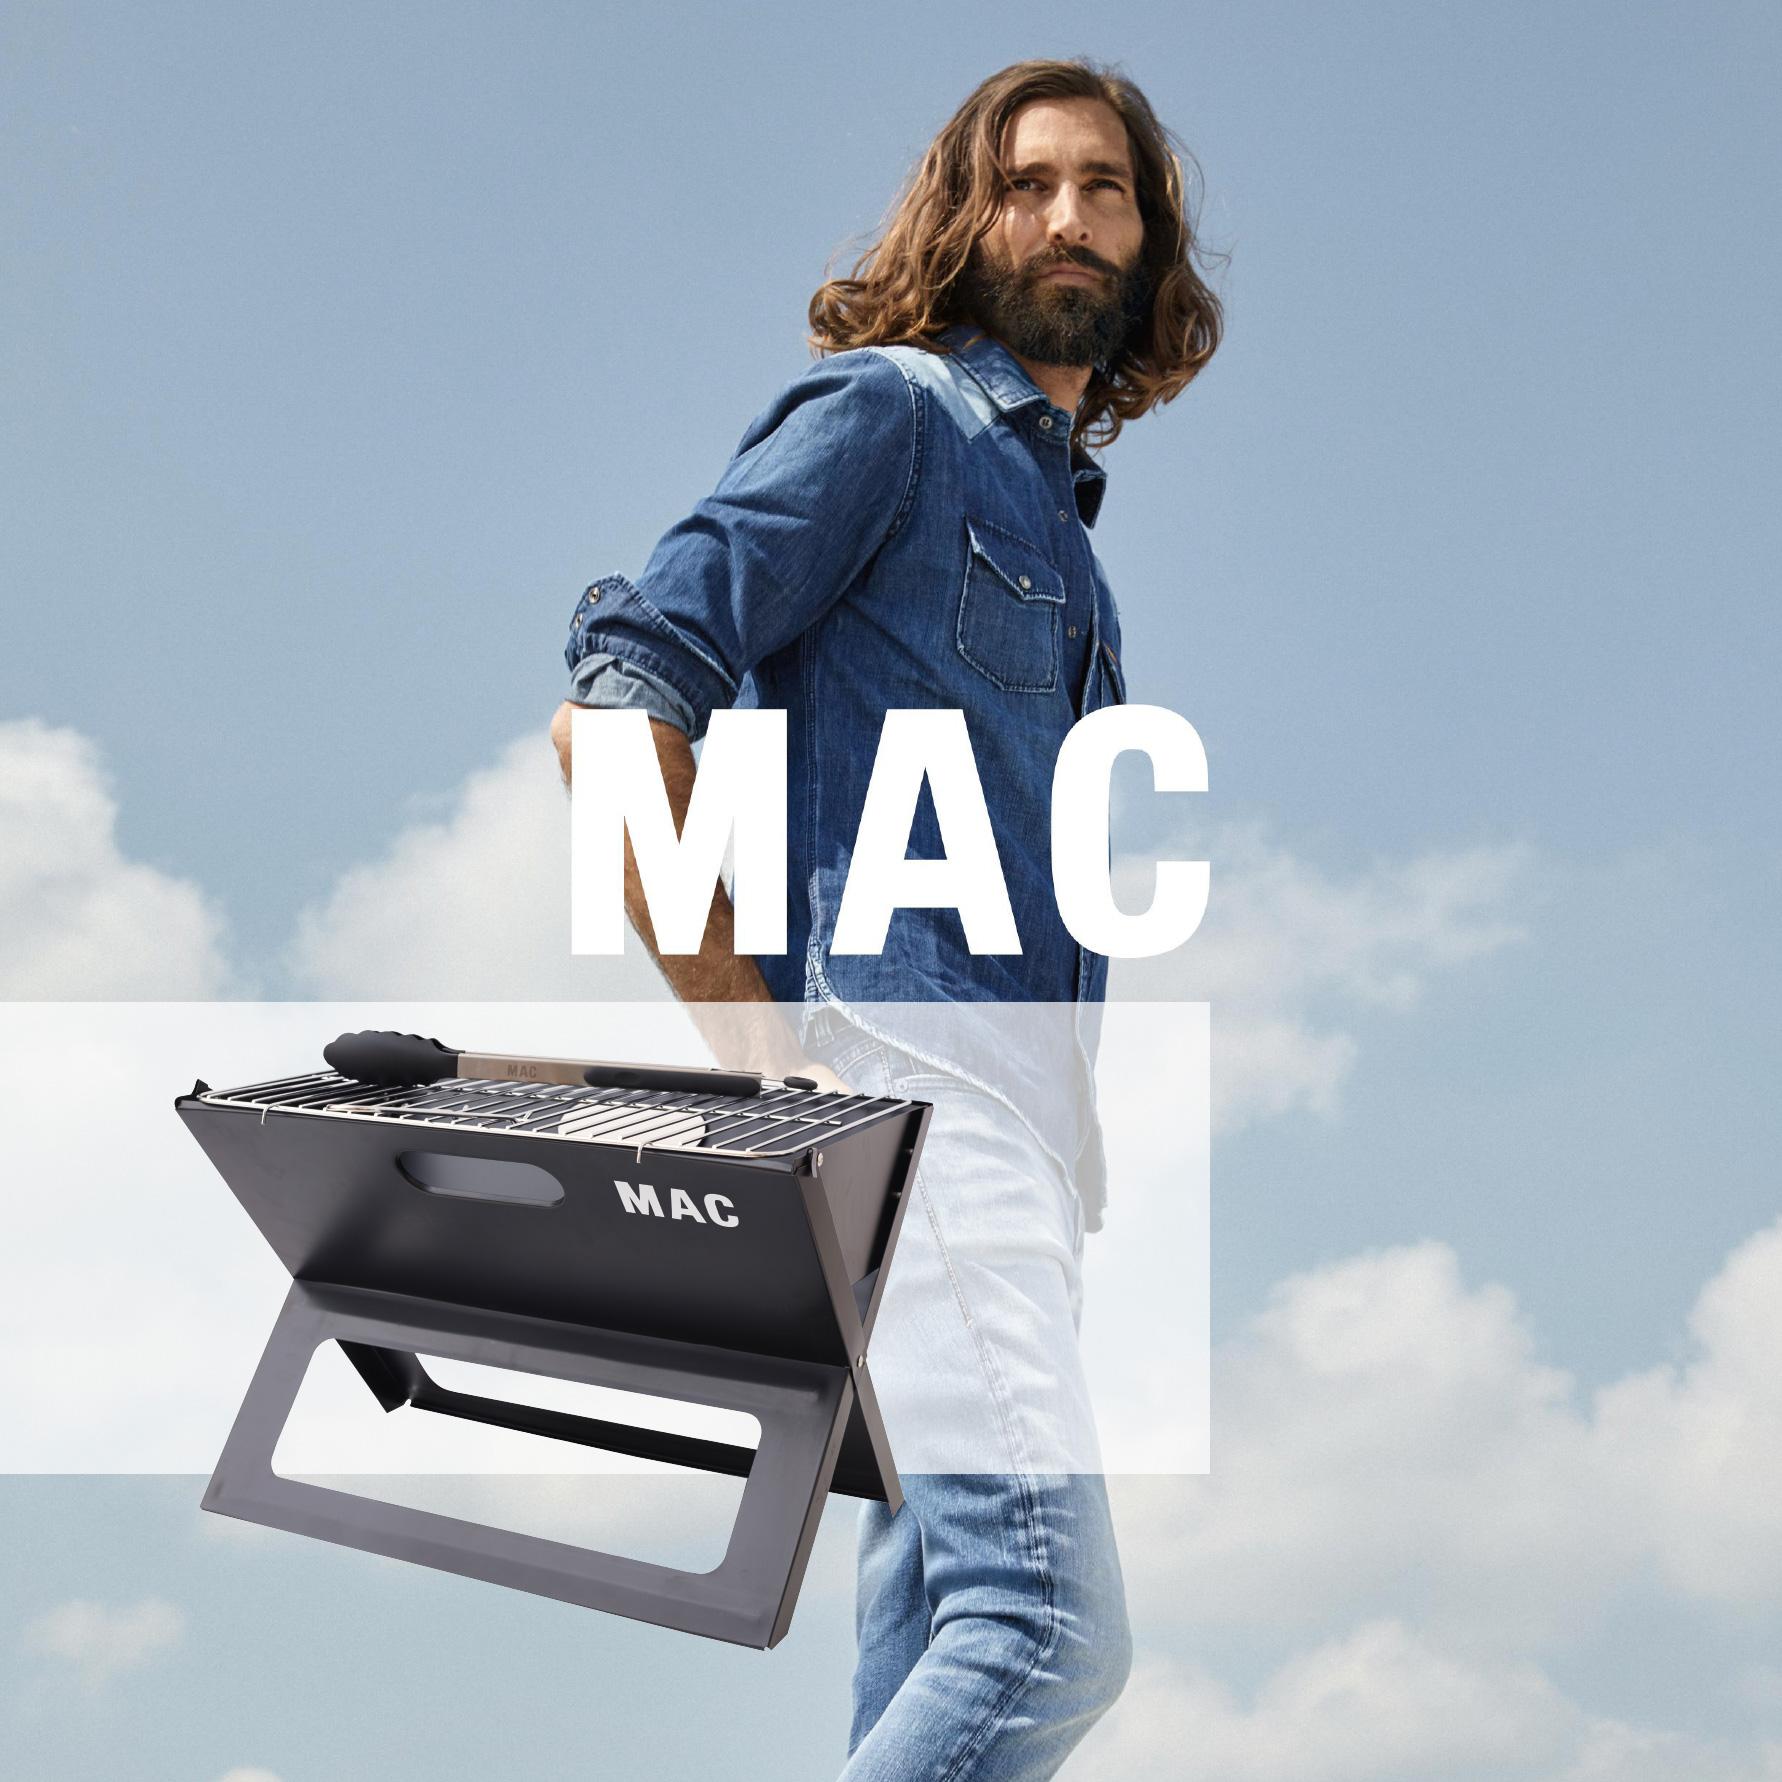 Die Grillsaison ist eröffnet! jetzt Grill von MAC sichern!